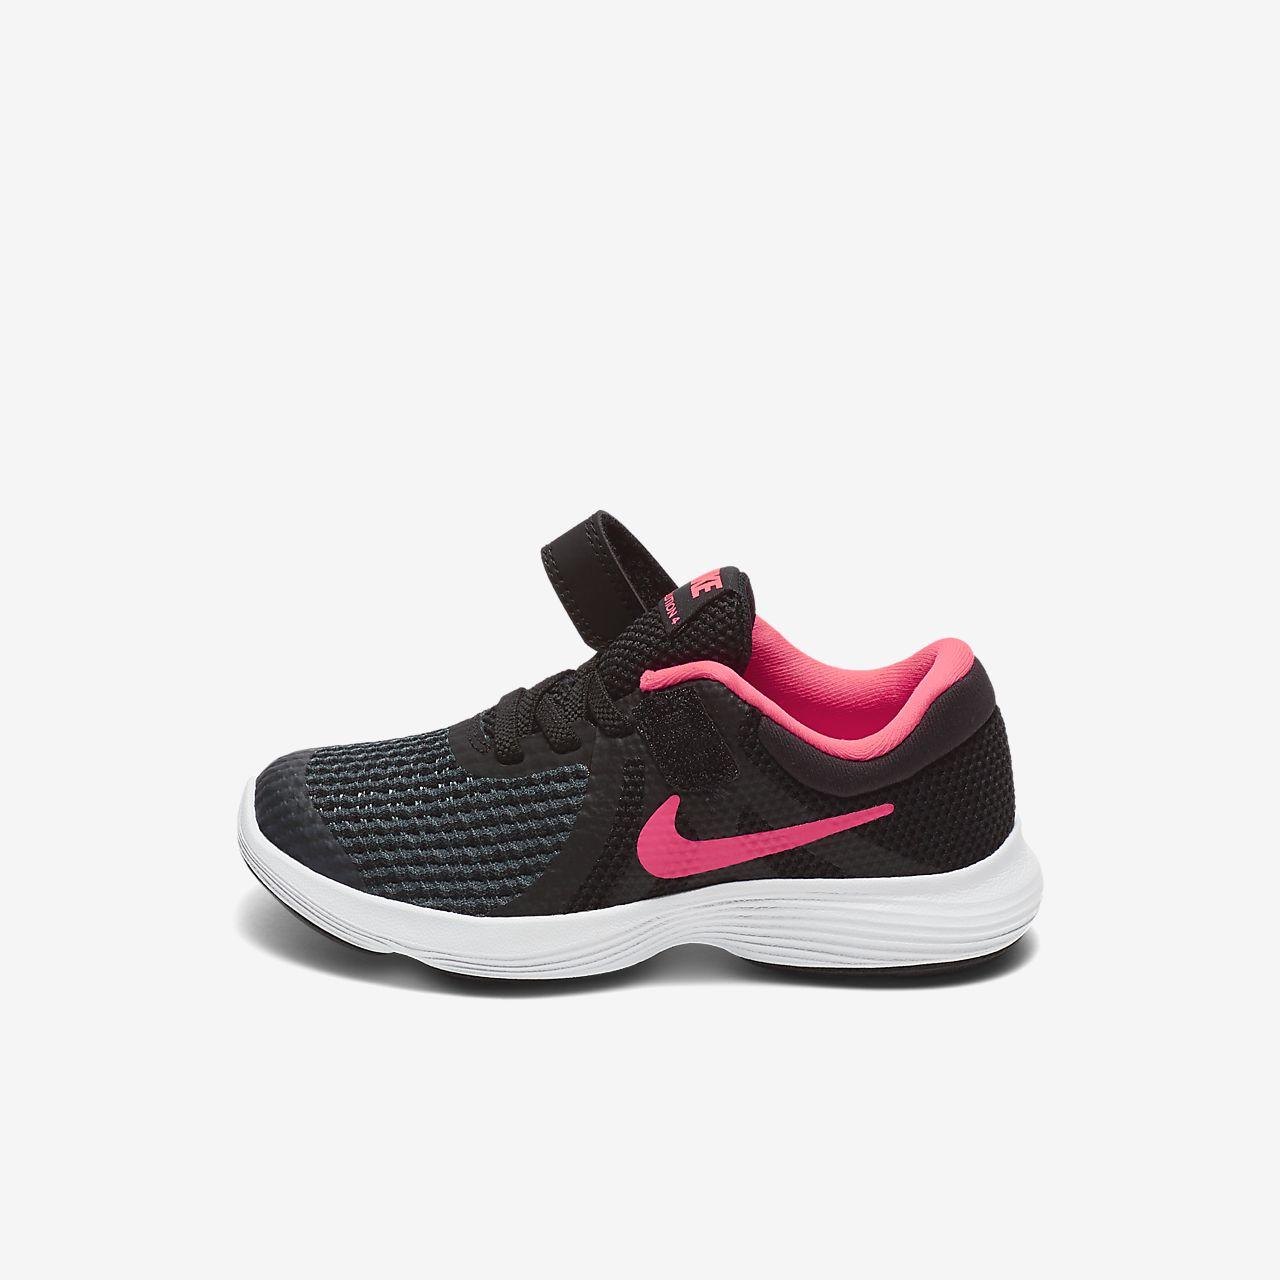 Nike Revolution 4 Schuh für jüngere Kinder - Schwarz lL3Qxq0zwG